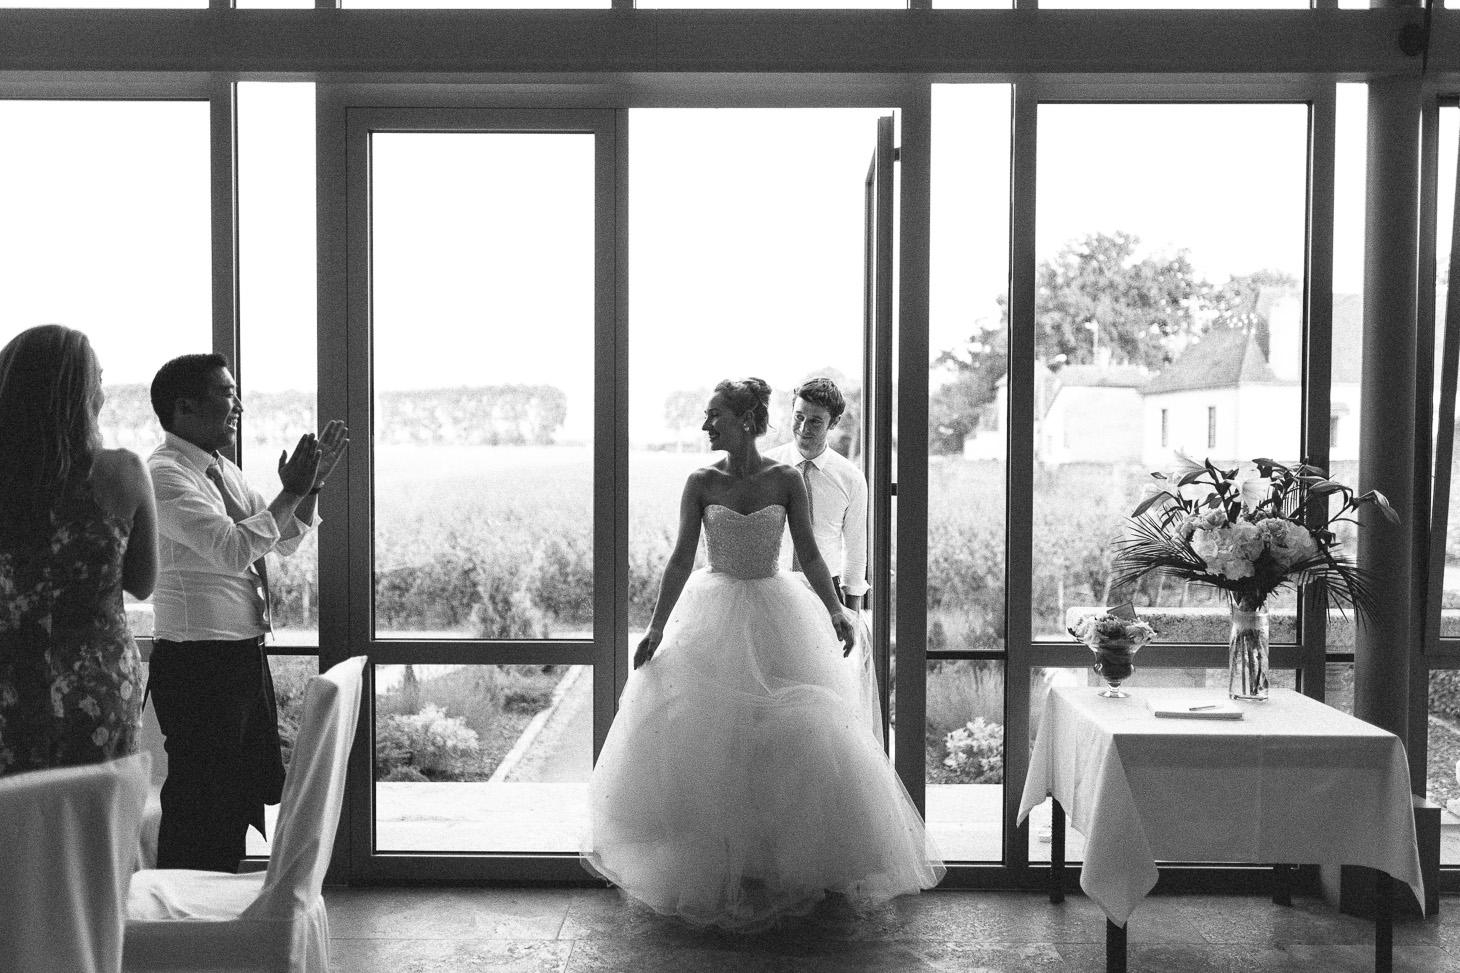 bourgogne_wedding_photographer_chateau_pommard-109